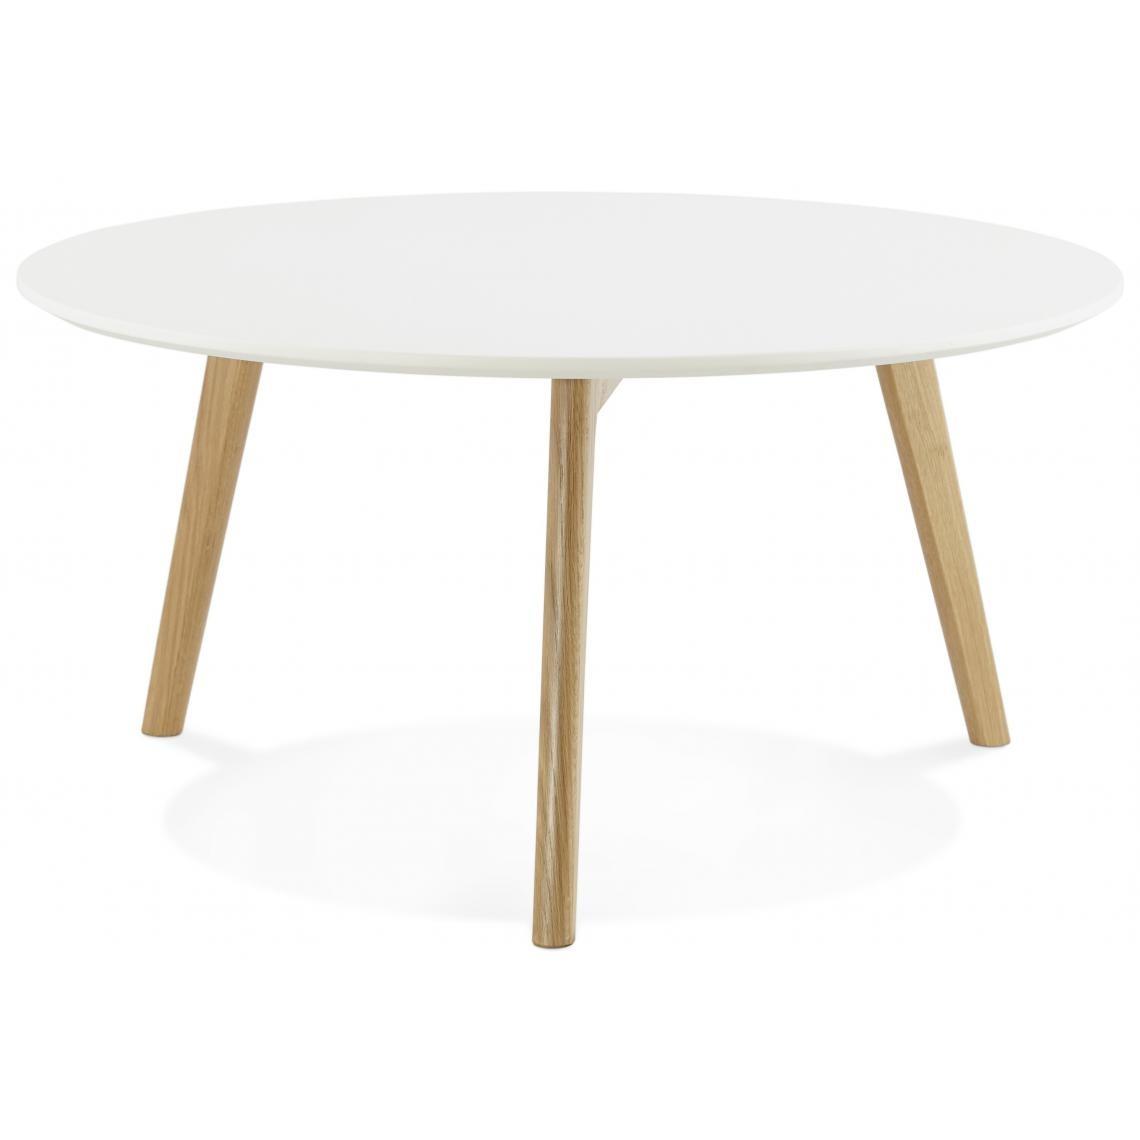 table basse blanche ronde scandinave elsa 3 suisses. Black Bedroom Furniture Sets. Home Design Ideas